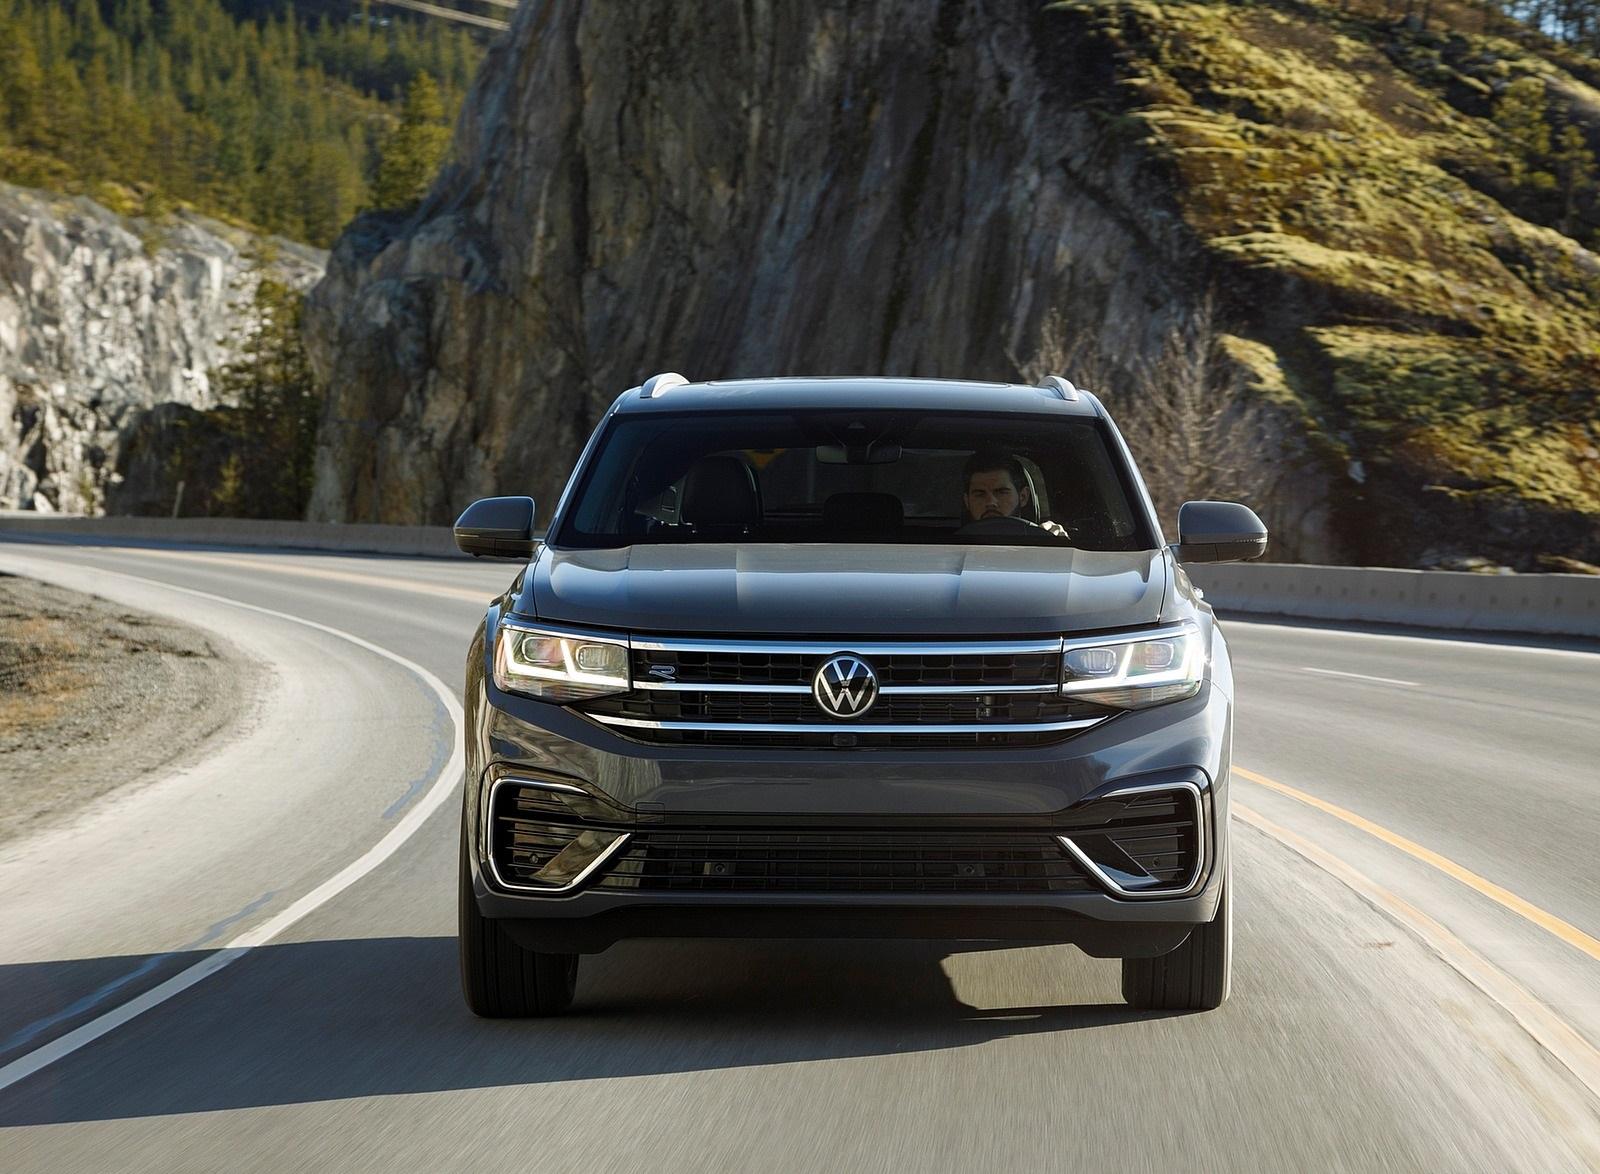 2020 Volkswagen Atlas Cross Sport SEL Premium R Line (Color: Pure Gray) Front Wallpapers (6)